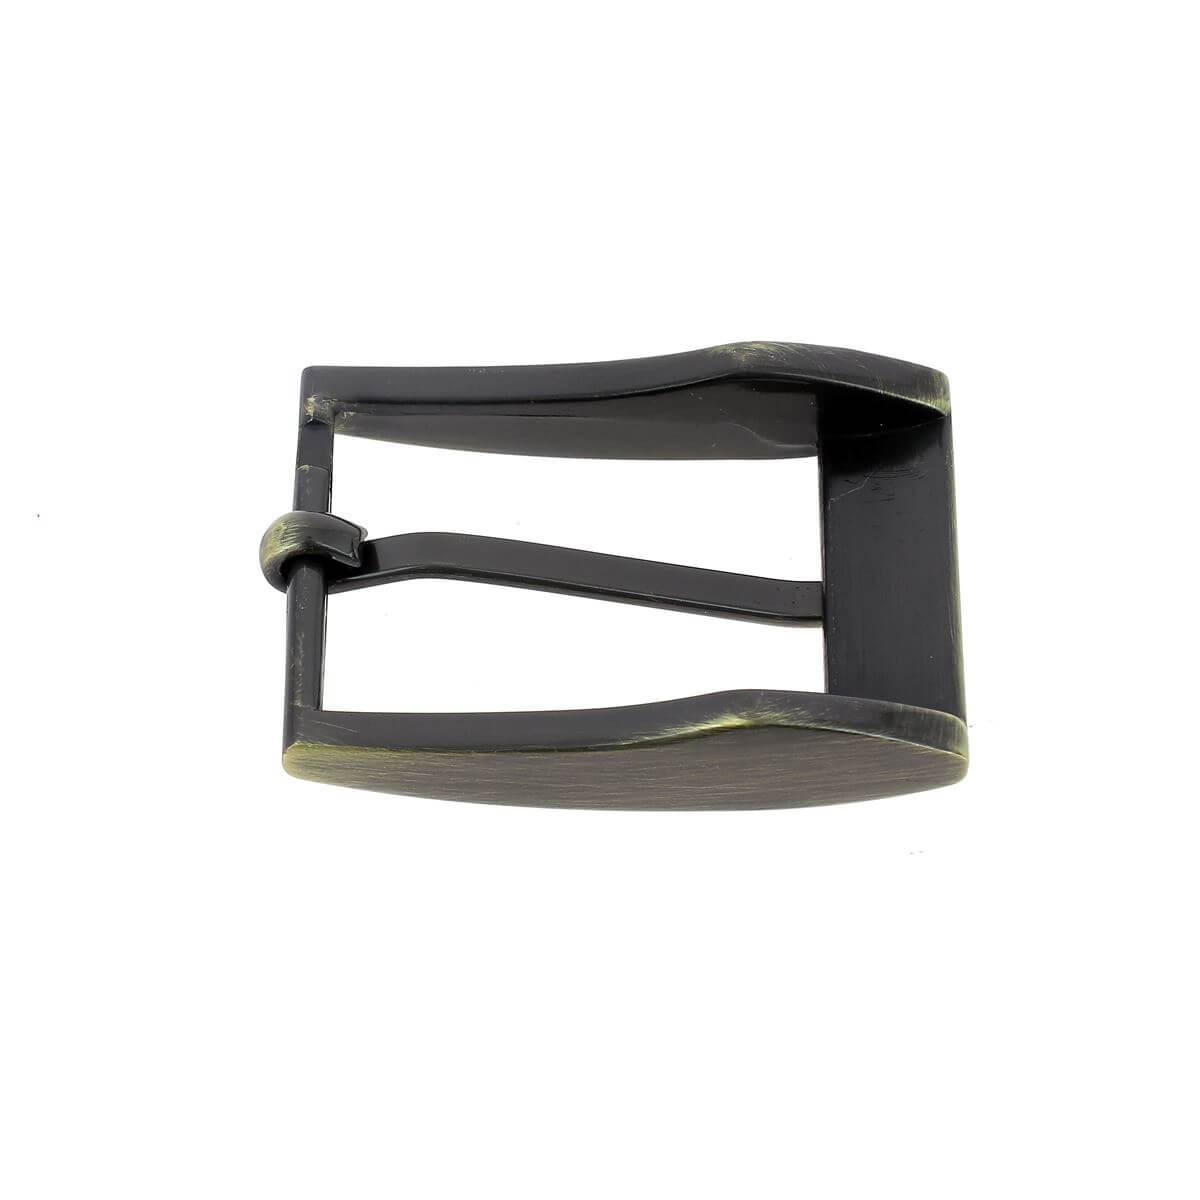 Boucle de ceinture ELI - LAITON VIEILLI BROSSE - 30 mm